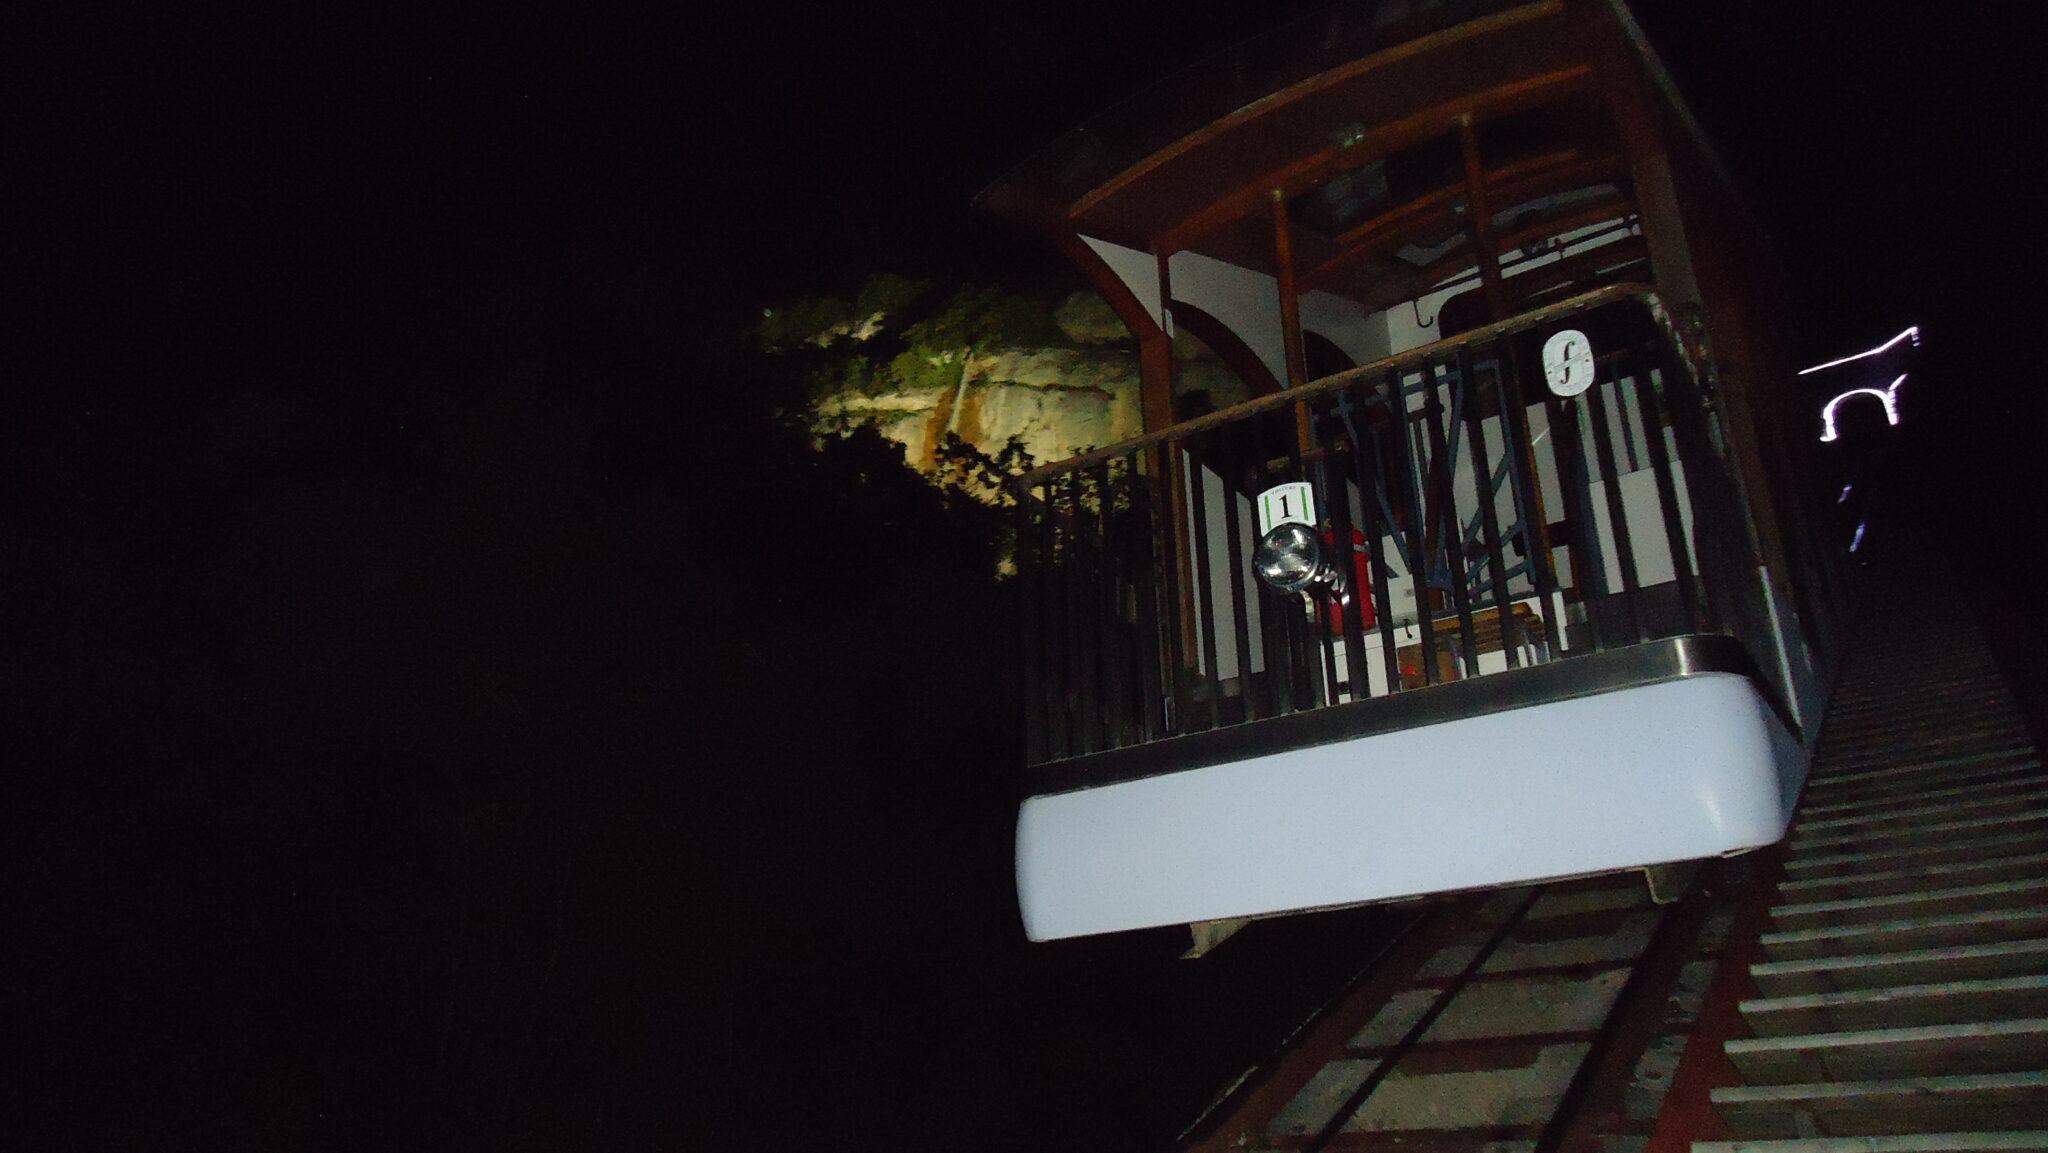 Le funiculaire by night, une ambiance différente pour découvrir la vallée et les sommets de Belledonne et de la Chartreuse